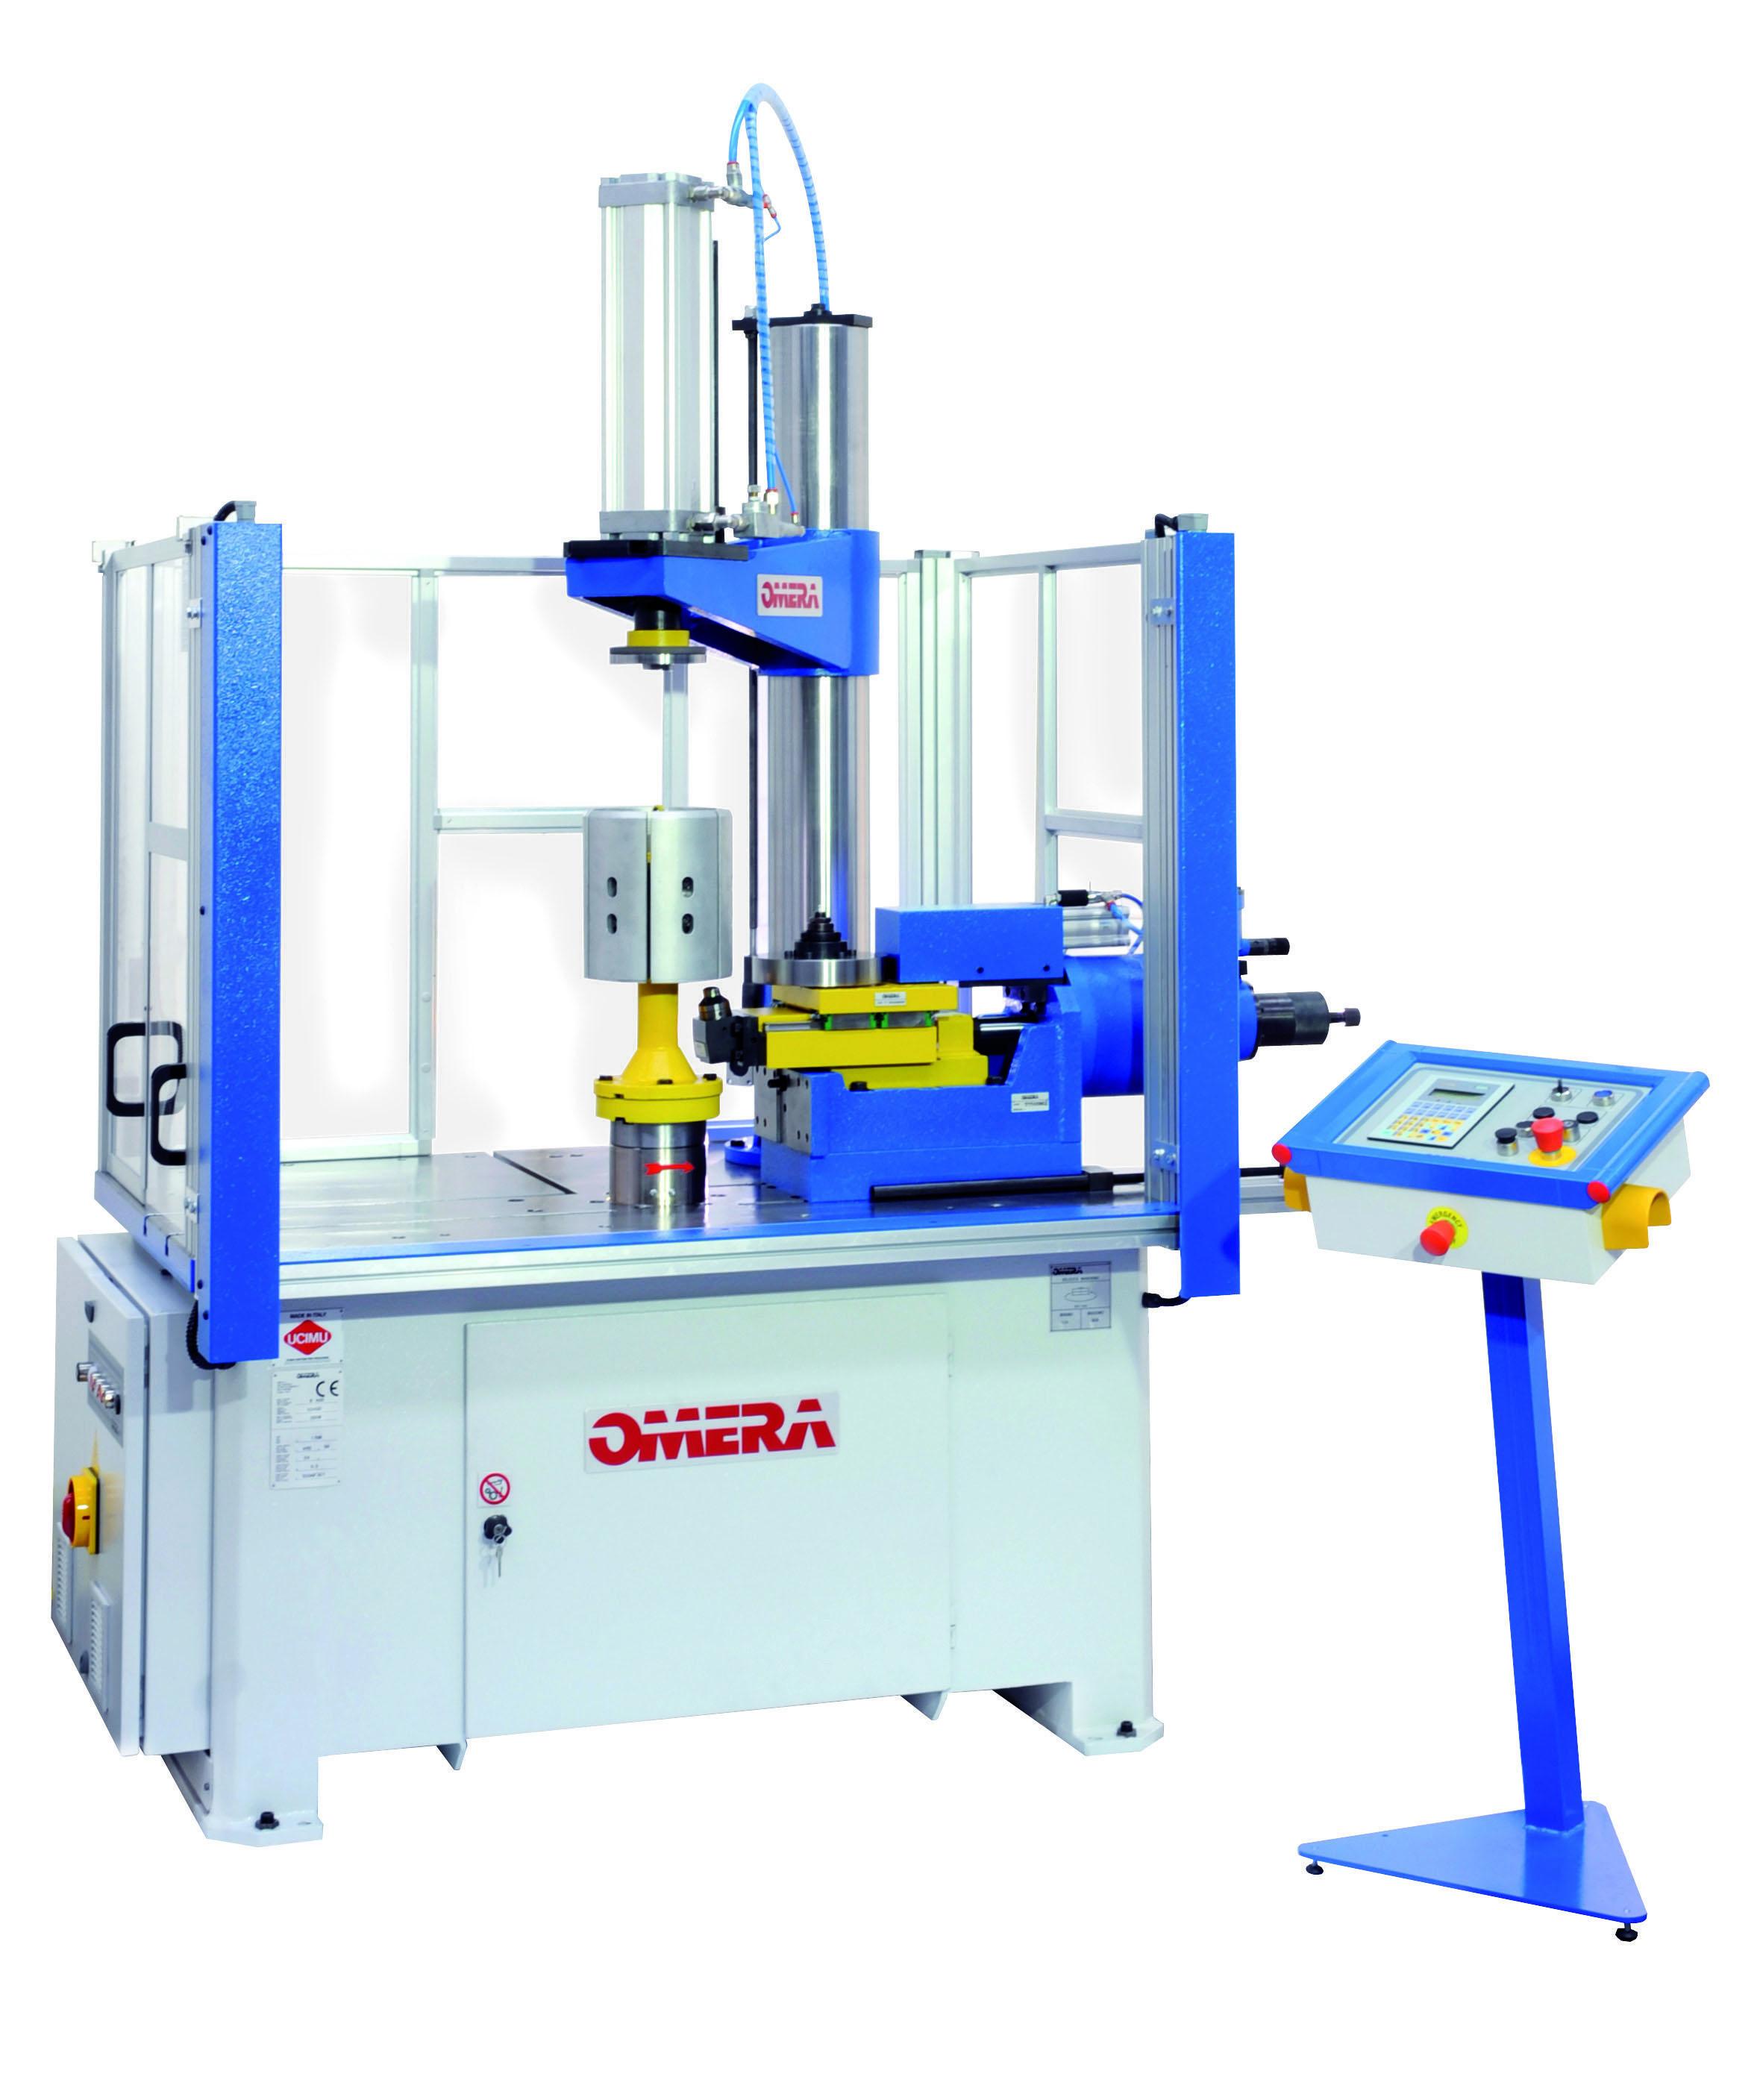 Omera es la empresa líder en el mundo en la fabricación de rebordonadoras y líneas de embutición y corte completas. S